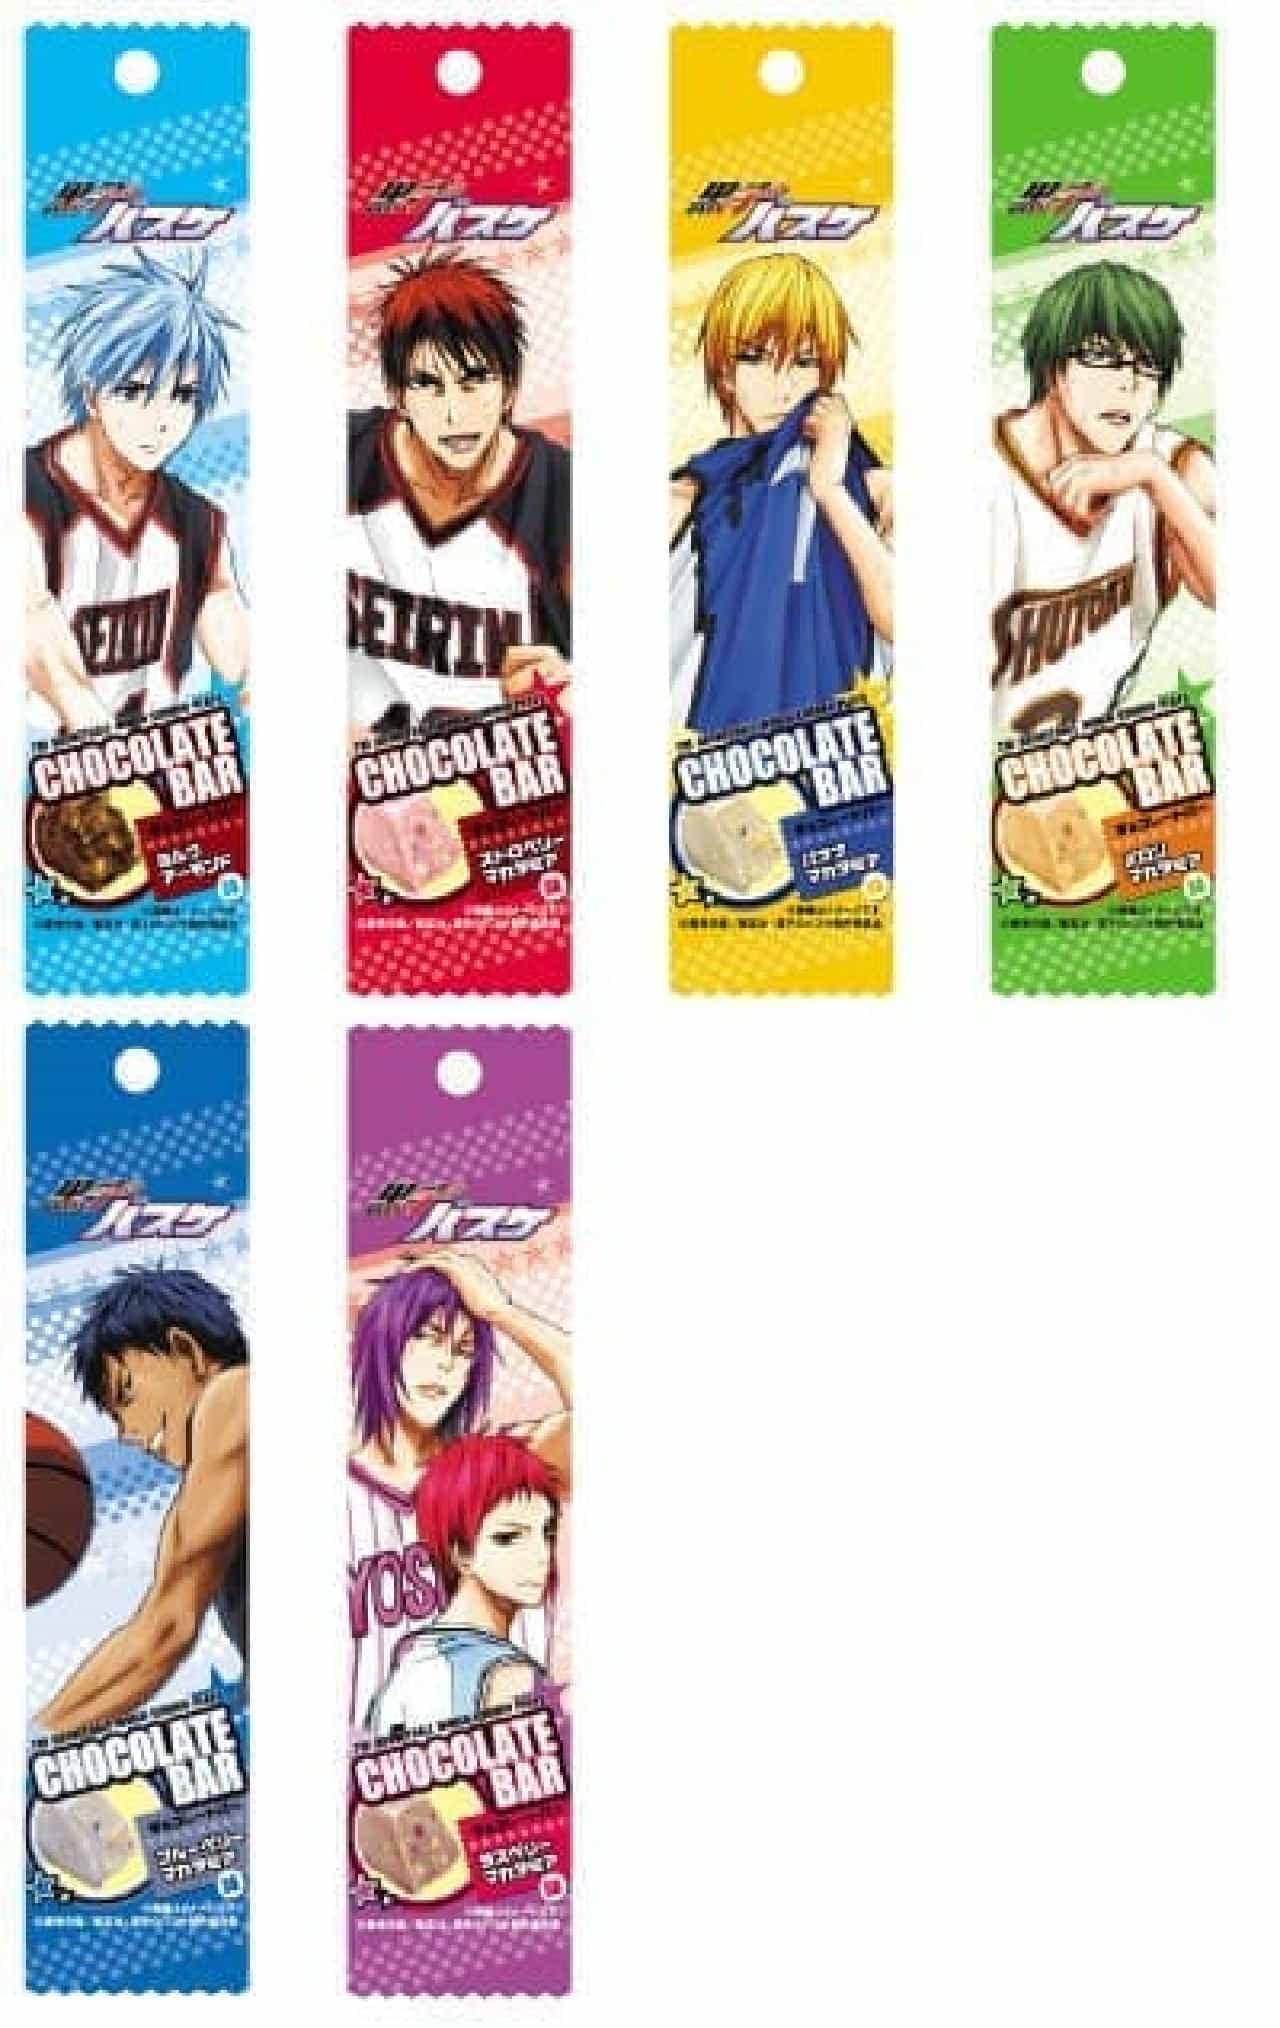 黒子のバスケ チョコバー6種